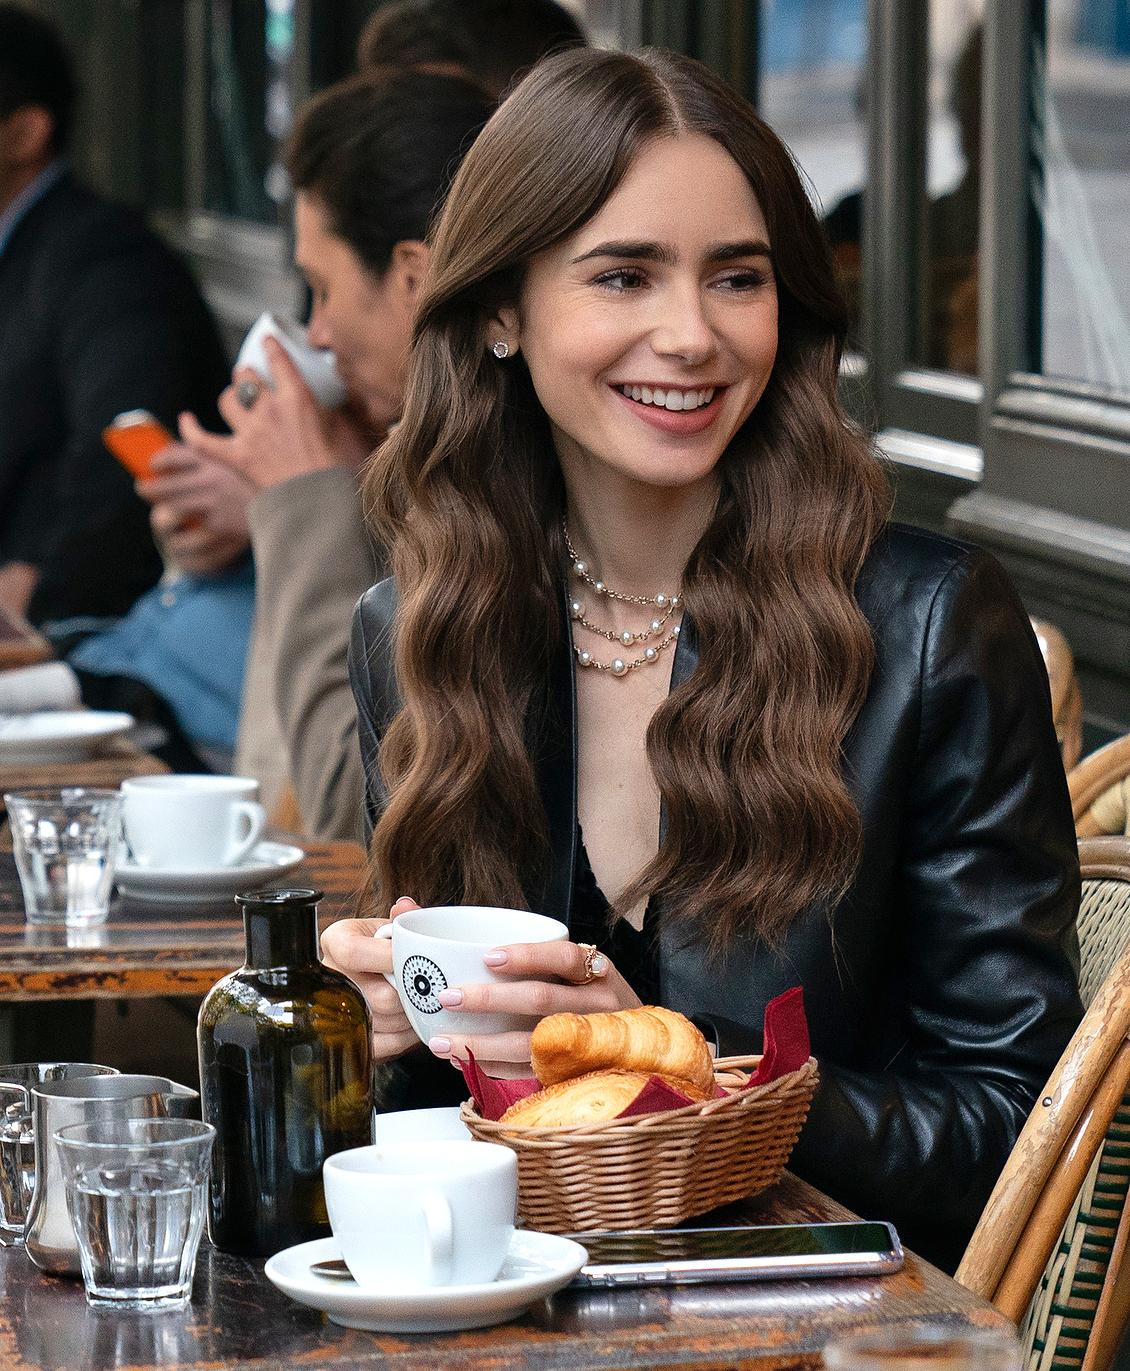 Emily in Paris - Sử dụng gel chân mày để định hình làm tăng lên nét đẹp sắc sảo.